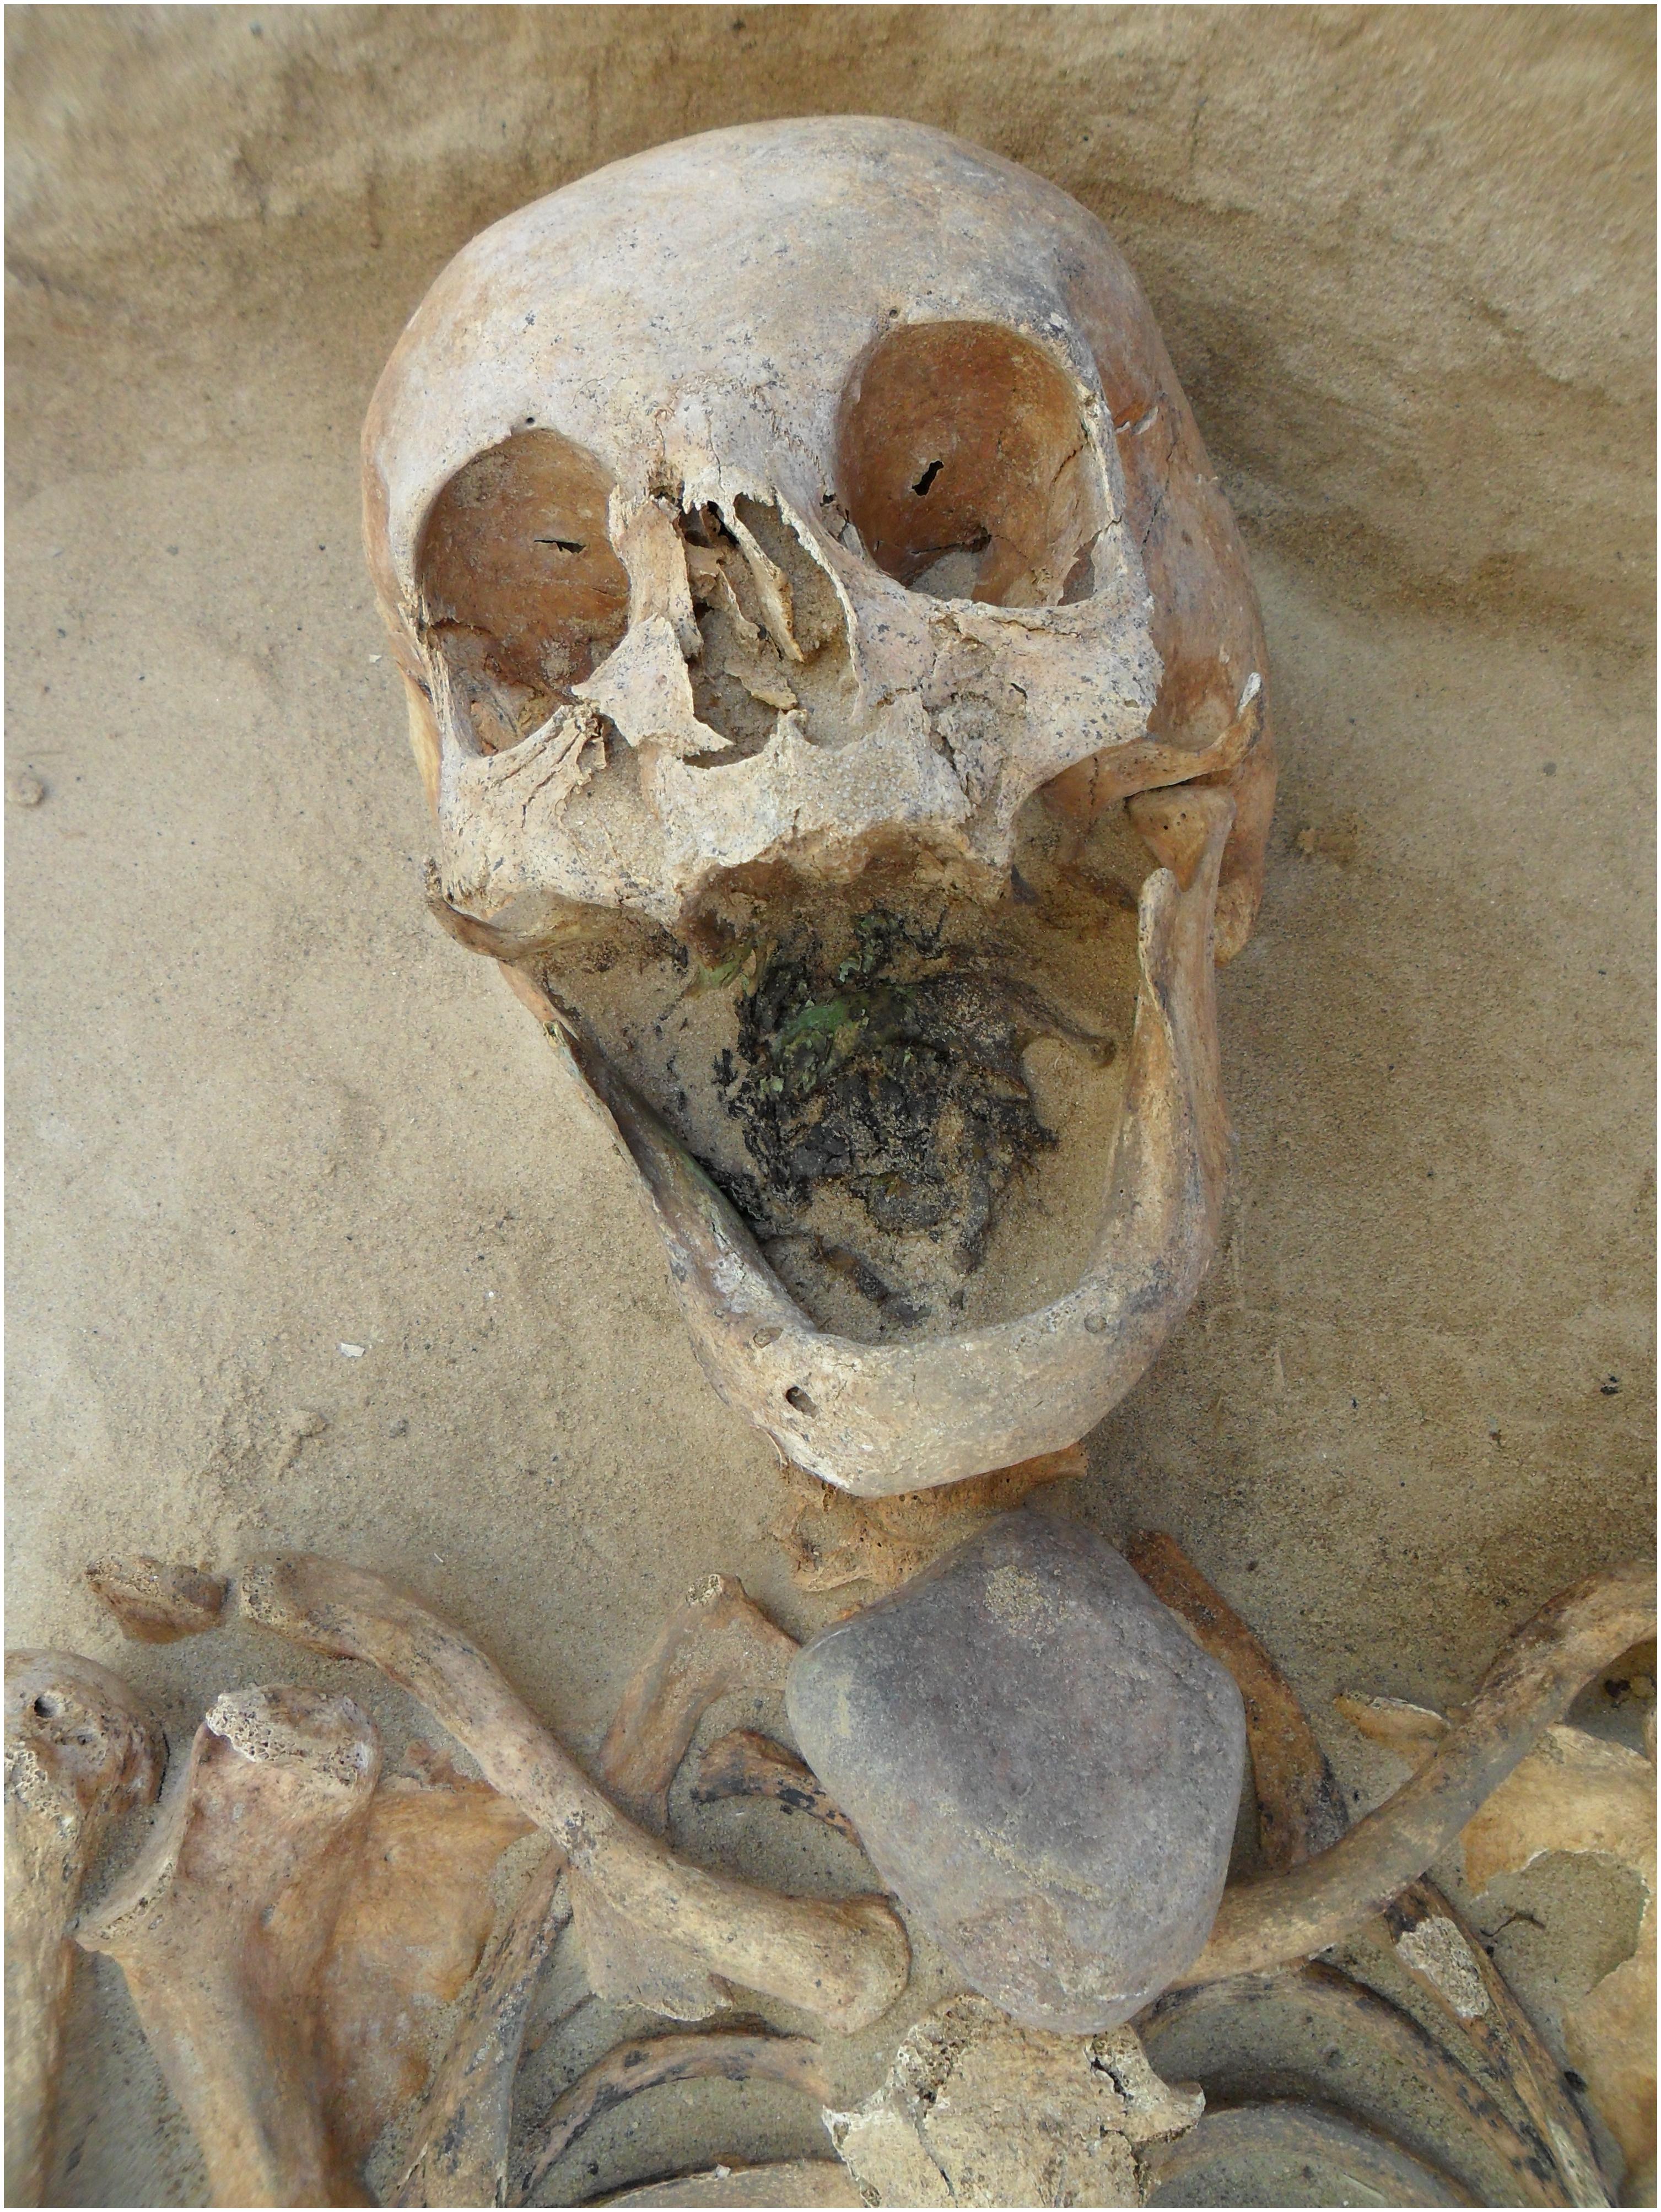 11. Mulher vampiro com pedra colocada na garganta. Drawsko. Polónia. Séc XVII e XVIII